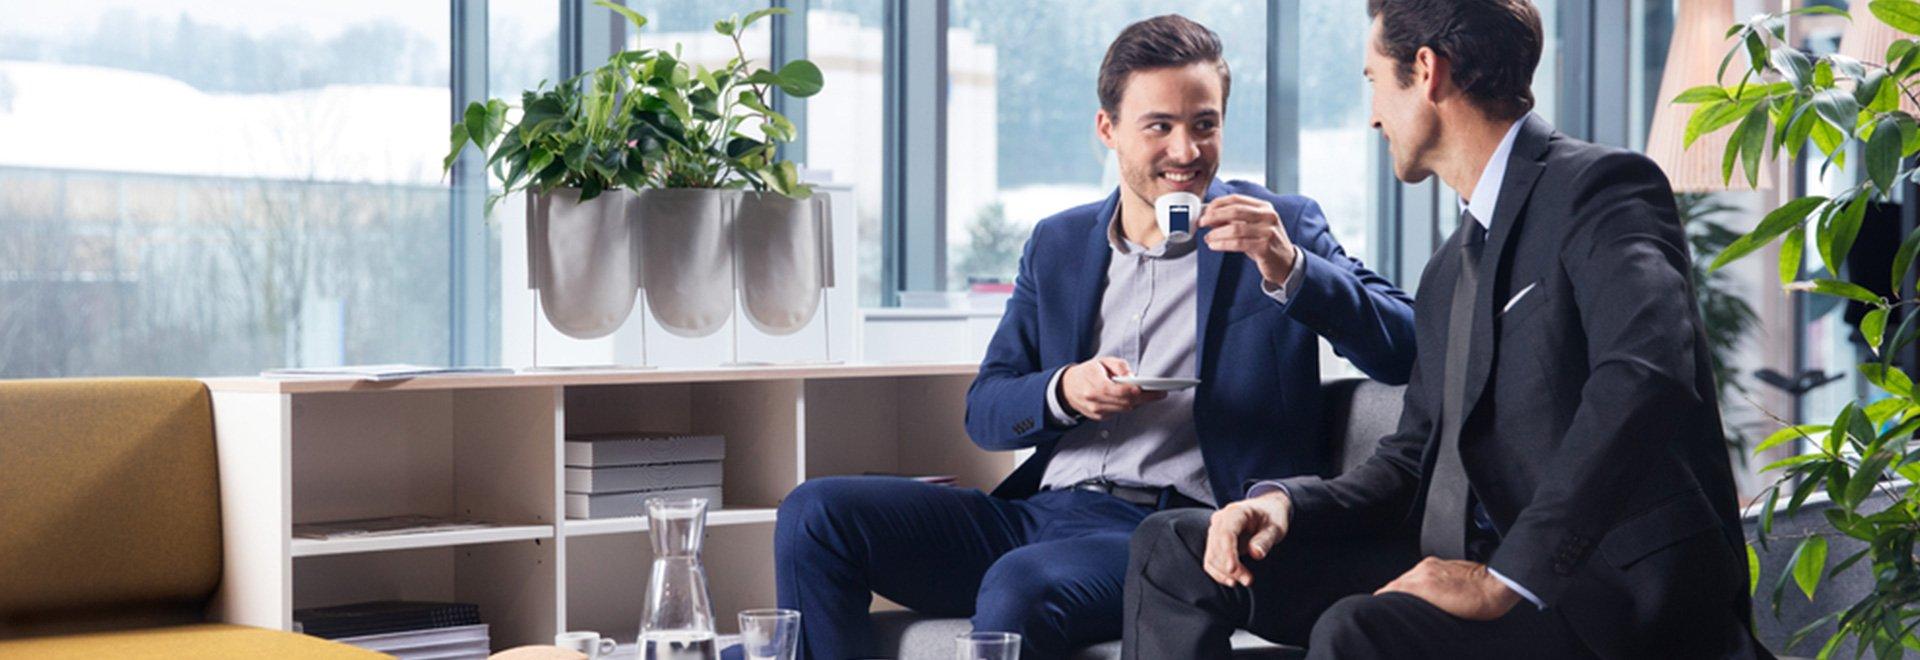 מכונות קפה מומלצות ופתרונות קפה לעסק ולבית 2